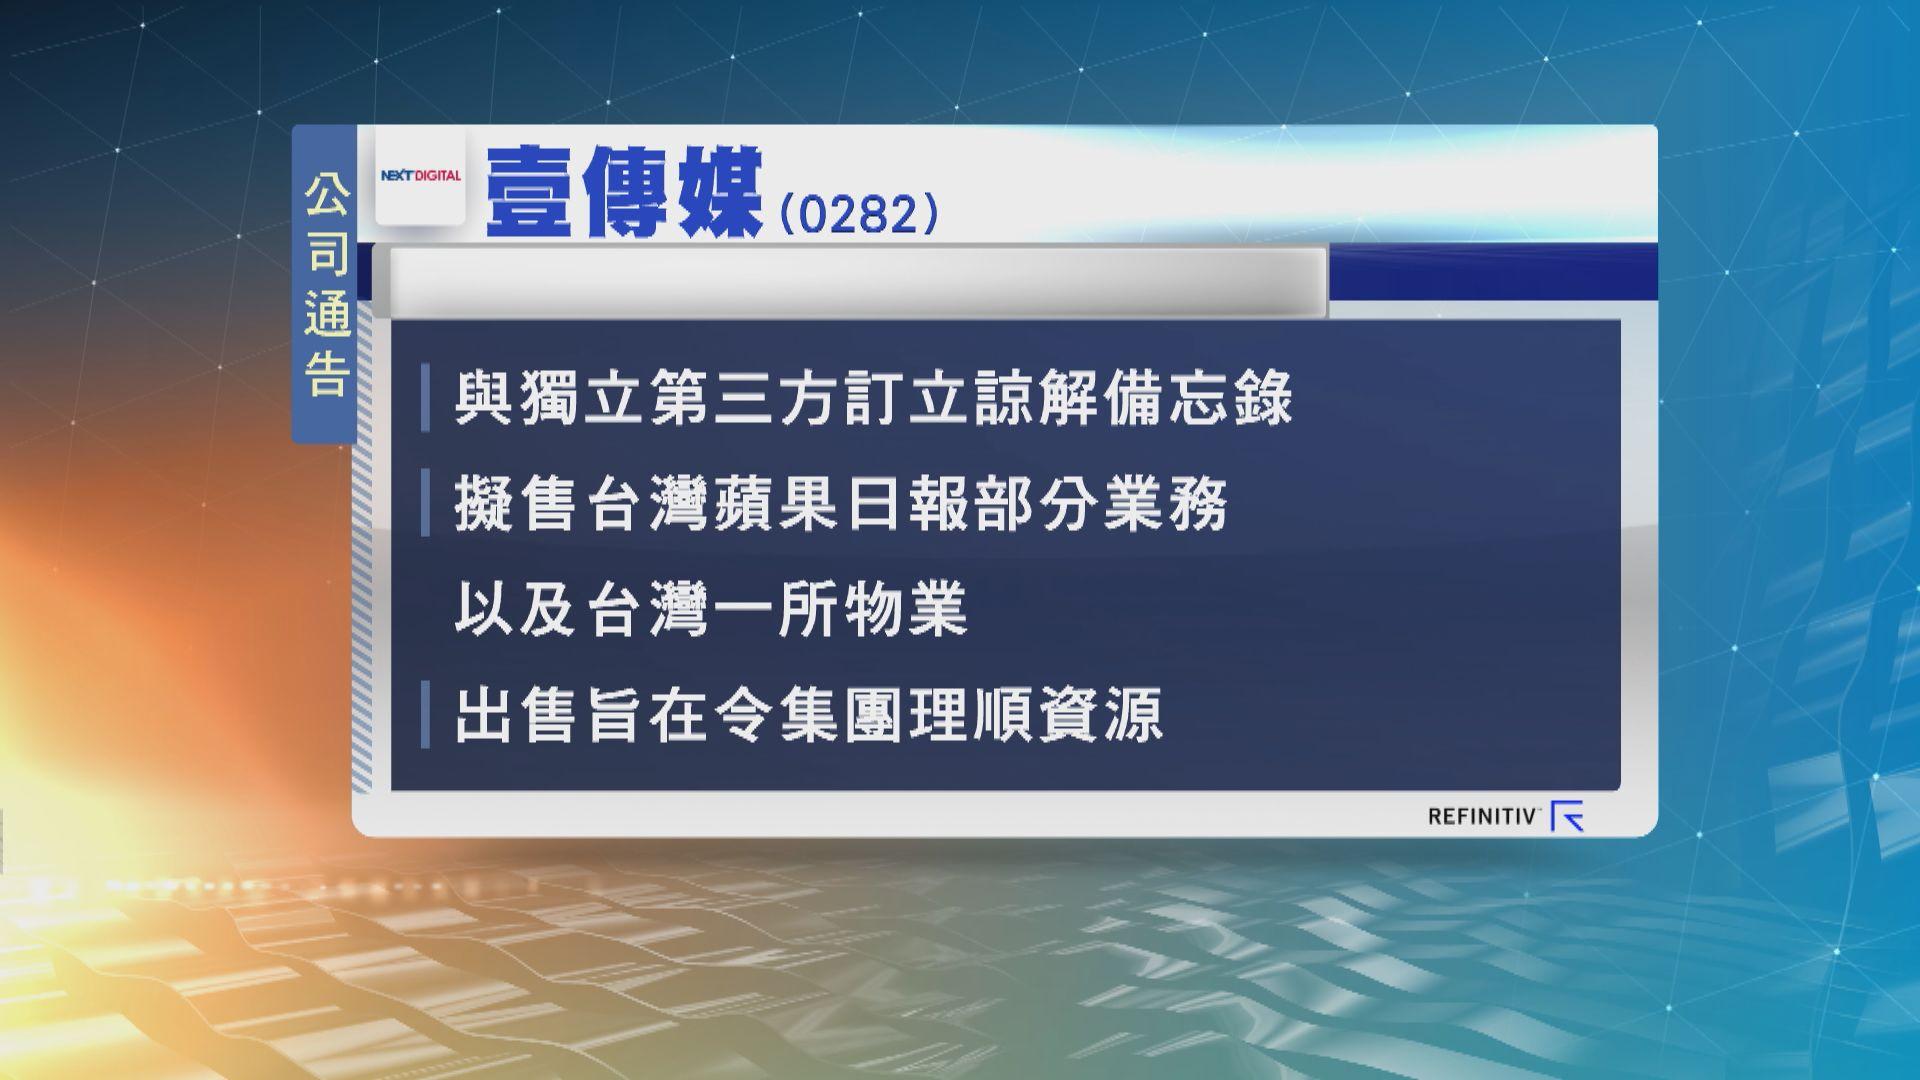 壹傳媒計劃出售台灣蘋果日報部分業務